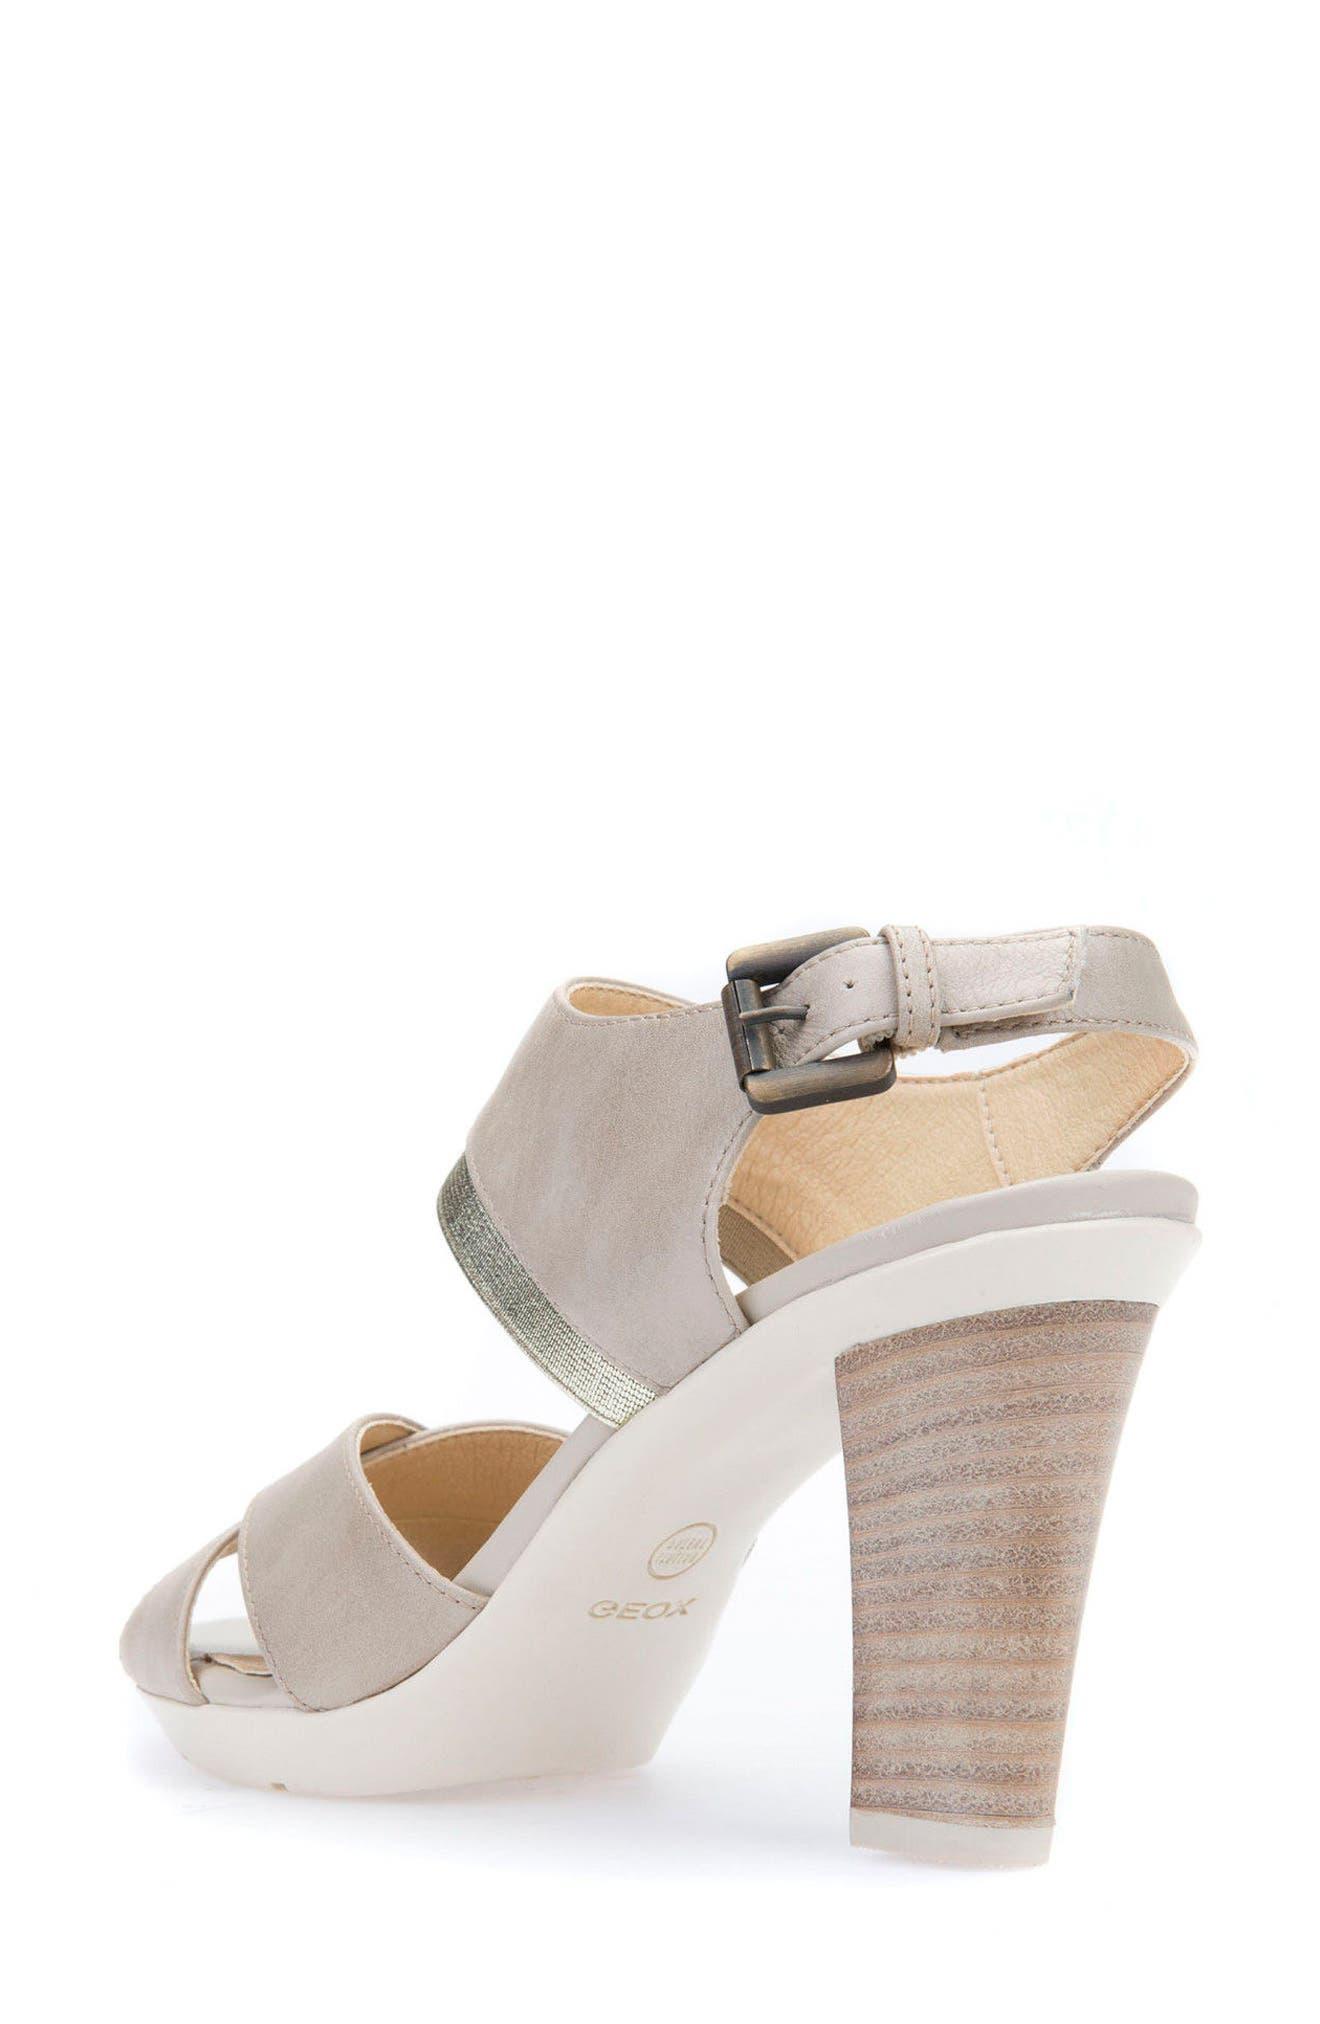 Jadlis Sandal,                             Alternate thumbnail 2, color,                             Beige Leather